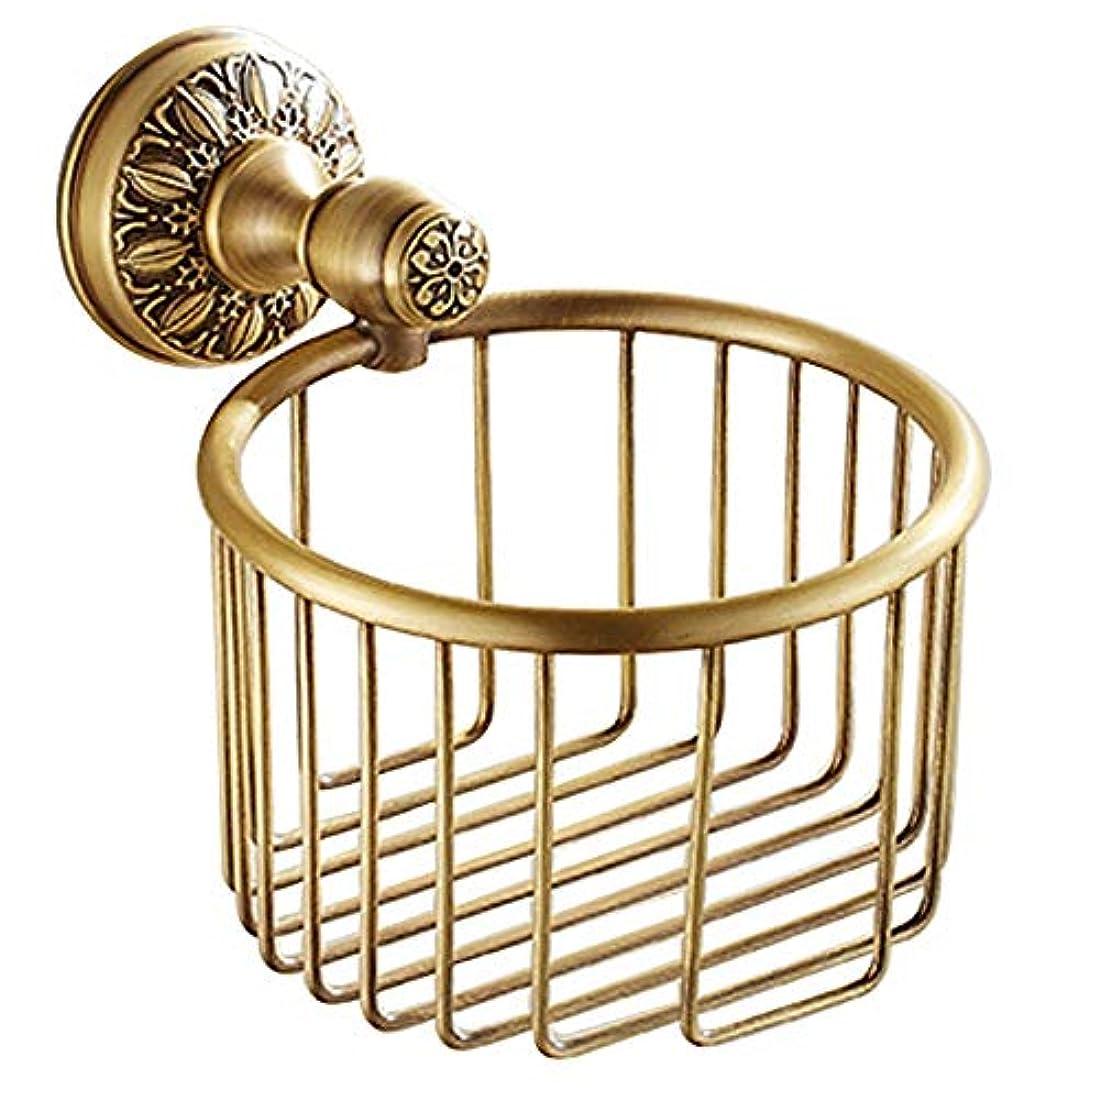 投資規定不潔ZZLX 紙タオルホルダー、ヨーロッパスタイルのフル銅模倣アンティークバスルームトイレットペーパータオルホルダー ロングハンドル風呂ブラシ